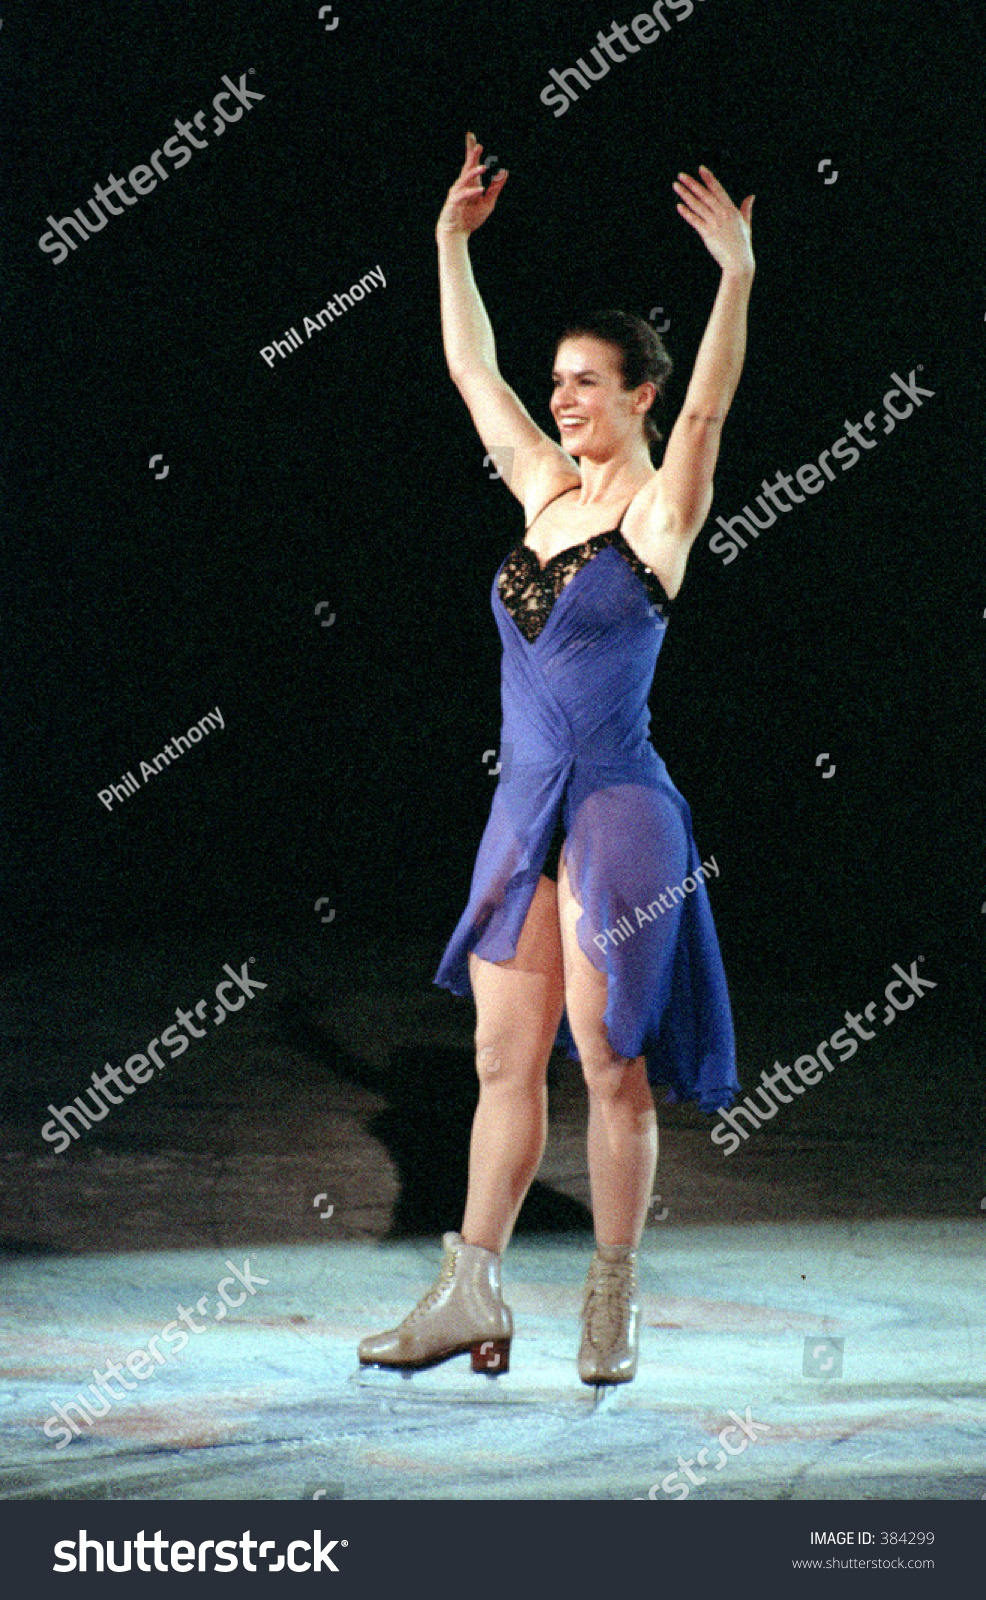 Katharina Witt - a symbol of figure skating 99